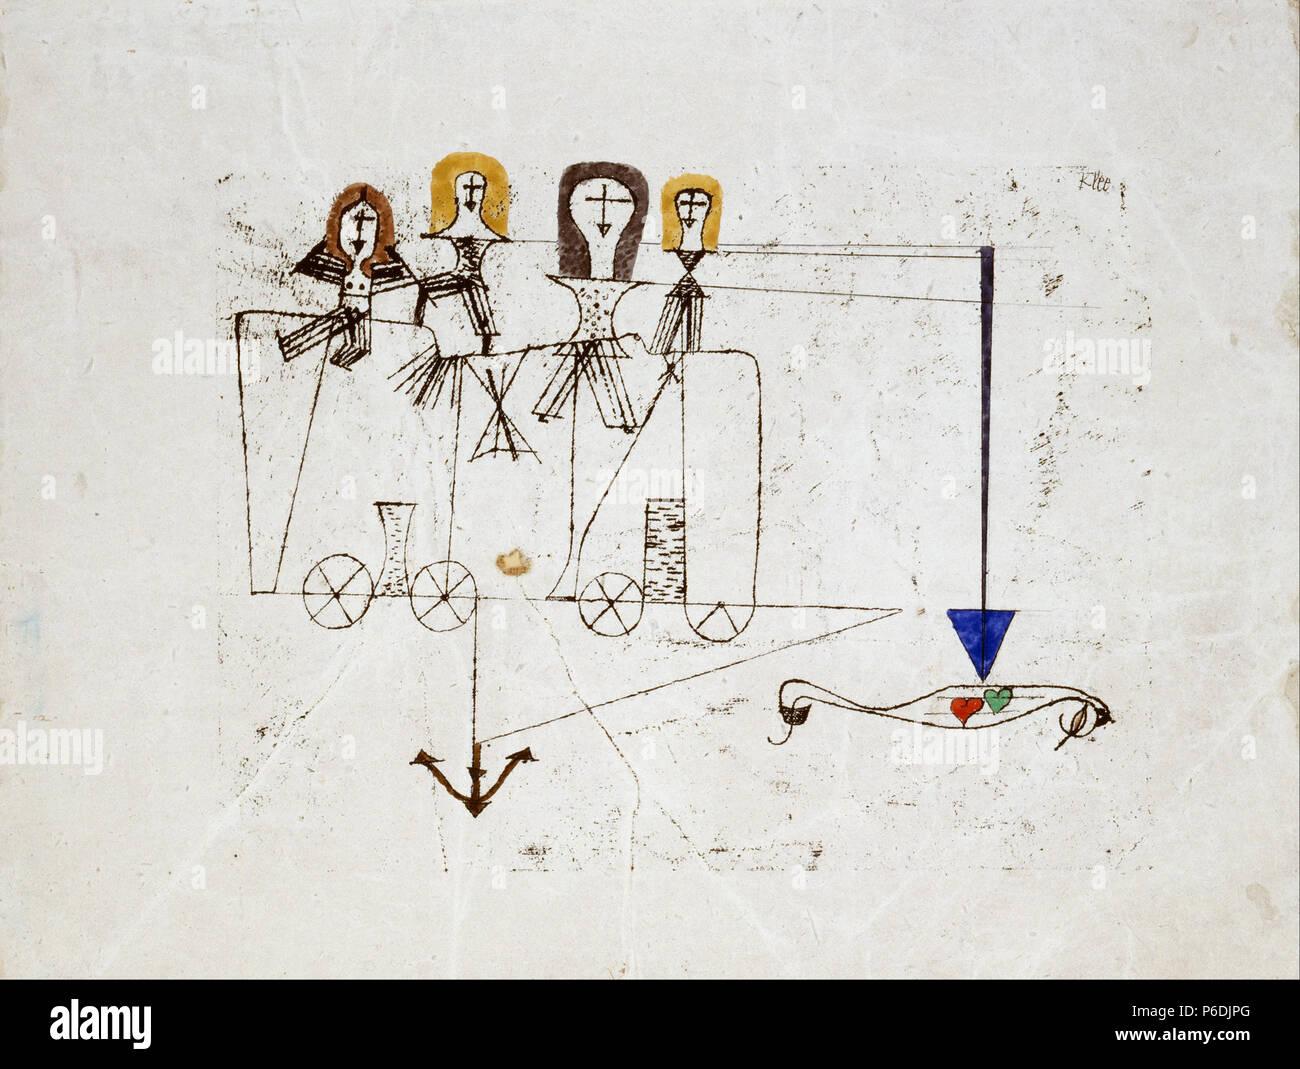 . La Vertu Wagon (à la mémoire du 5 octobre 1922) 192259 Paul Klee - la vertu Wagon (à la mémoire du 5 octobre 1922) - Banque D'Images